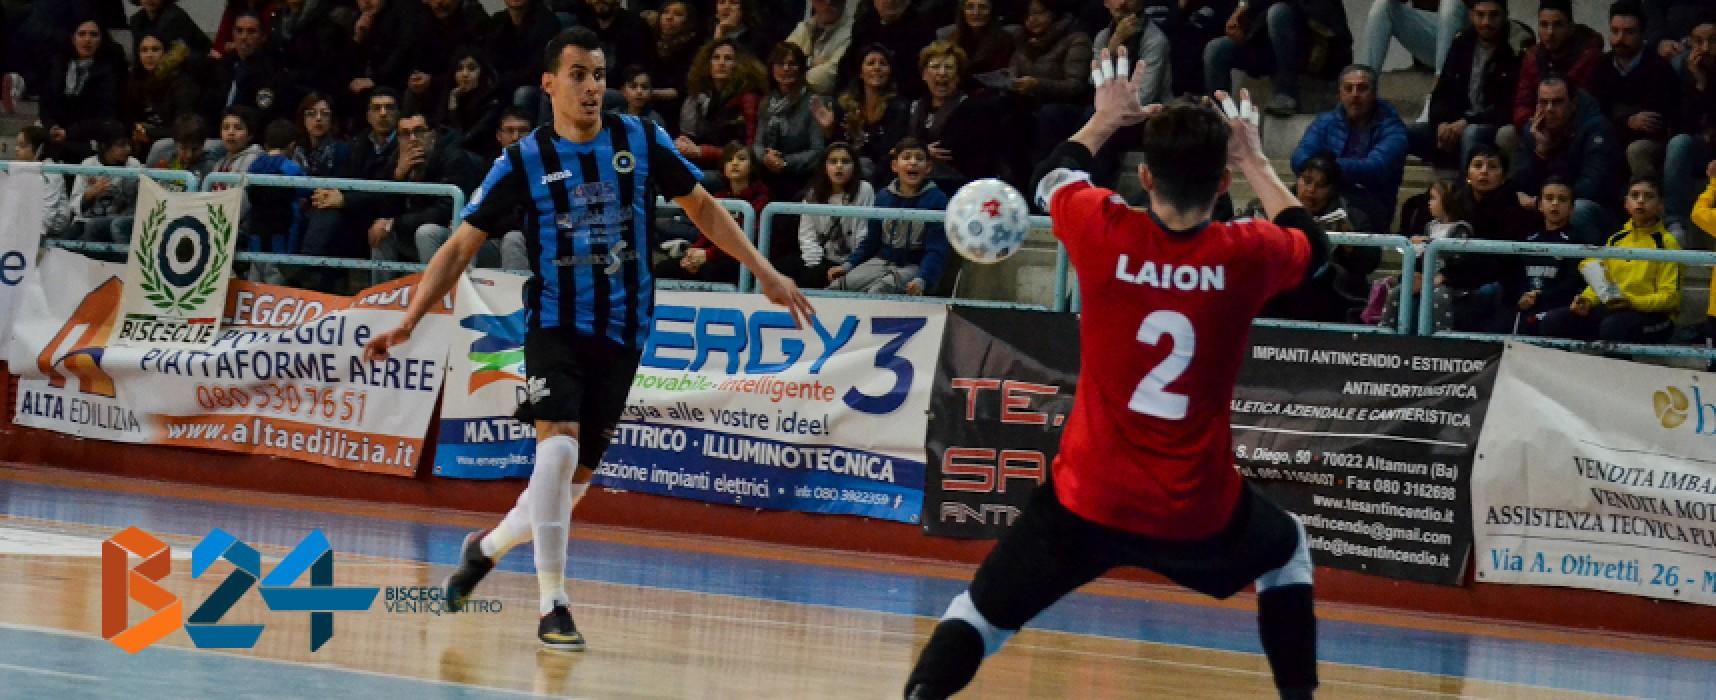 Futsal Bisceglie torna alla vittoria sulla Partenope / VIDEO HIGHLIGHTS